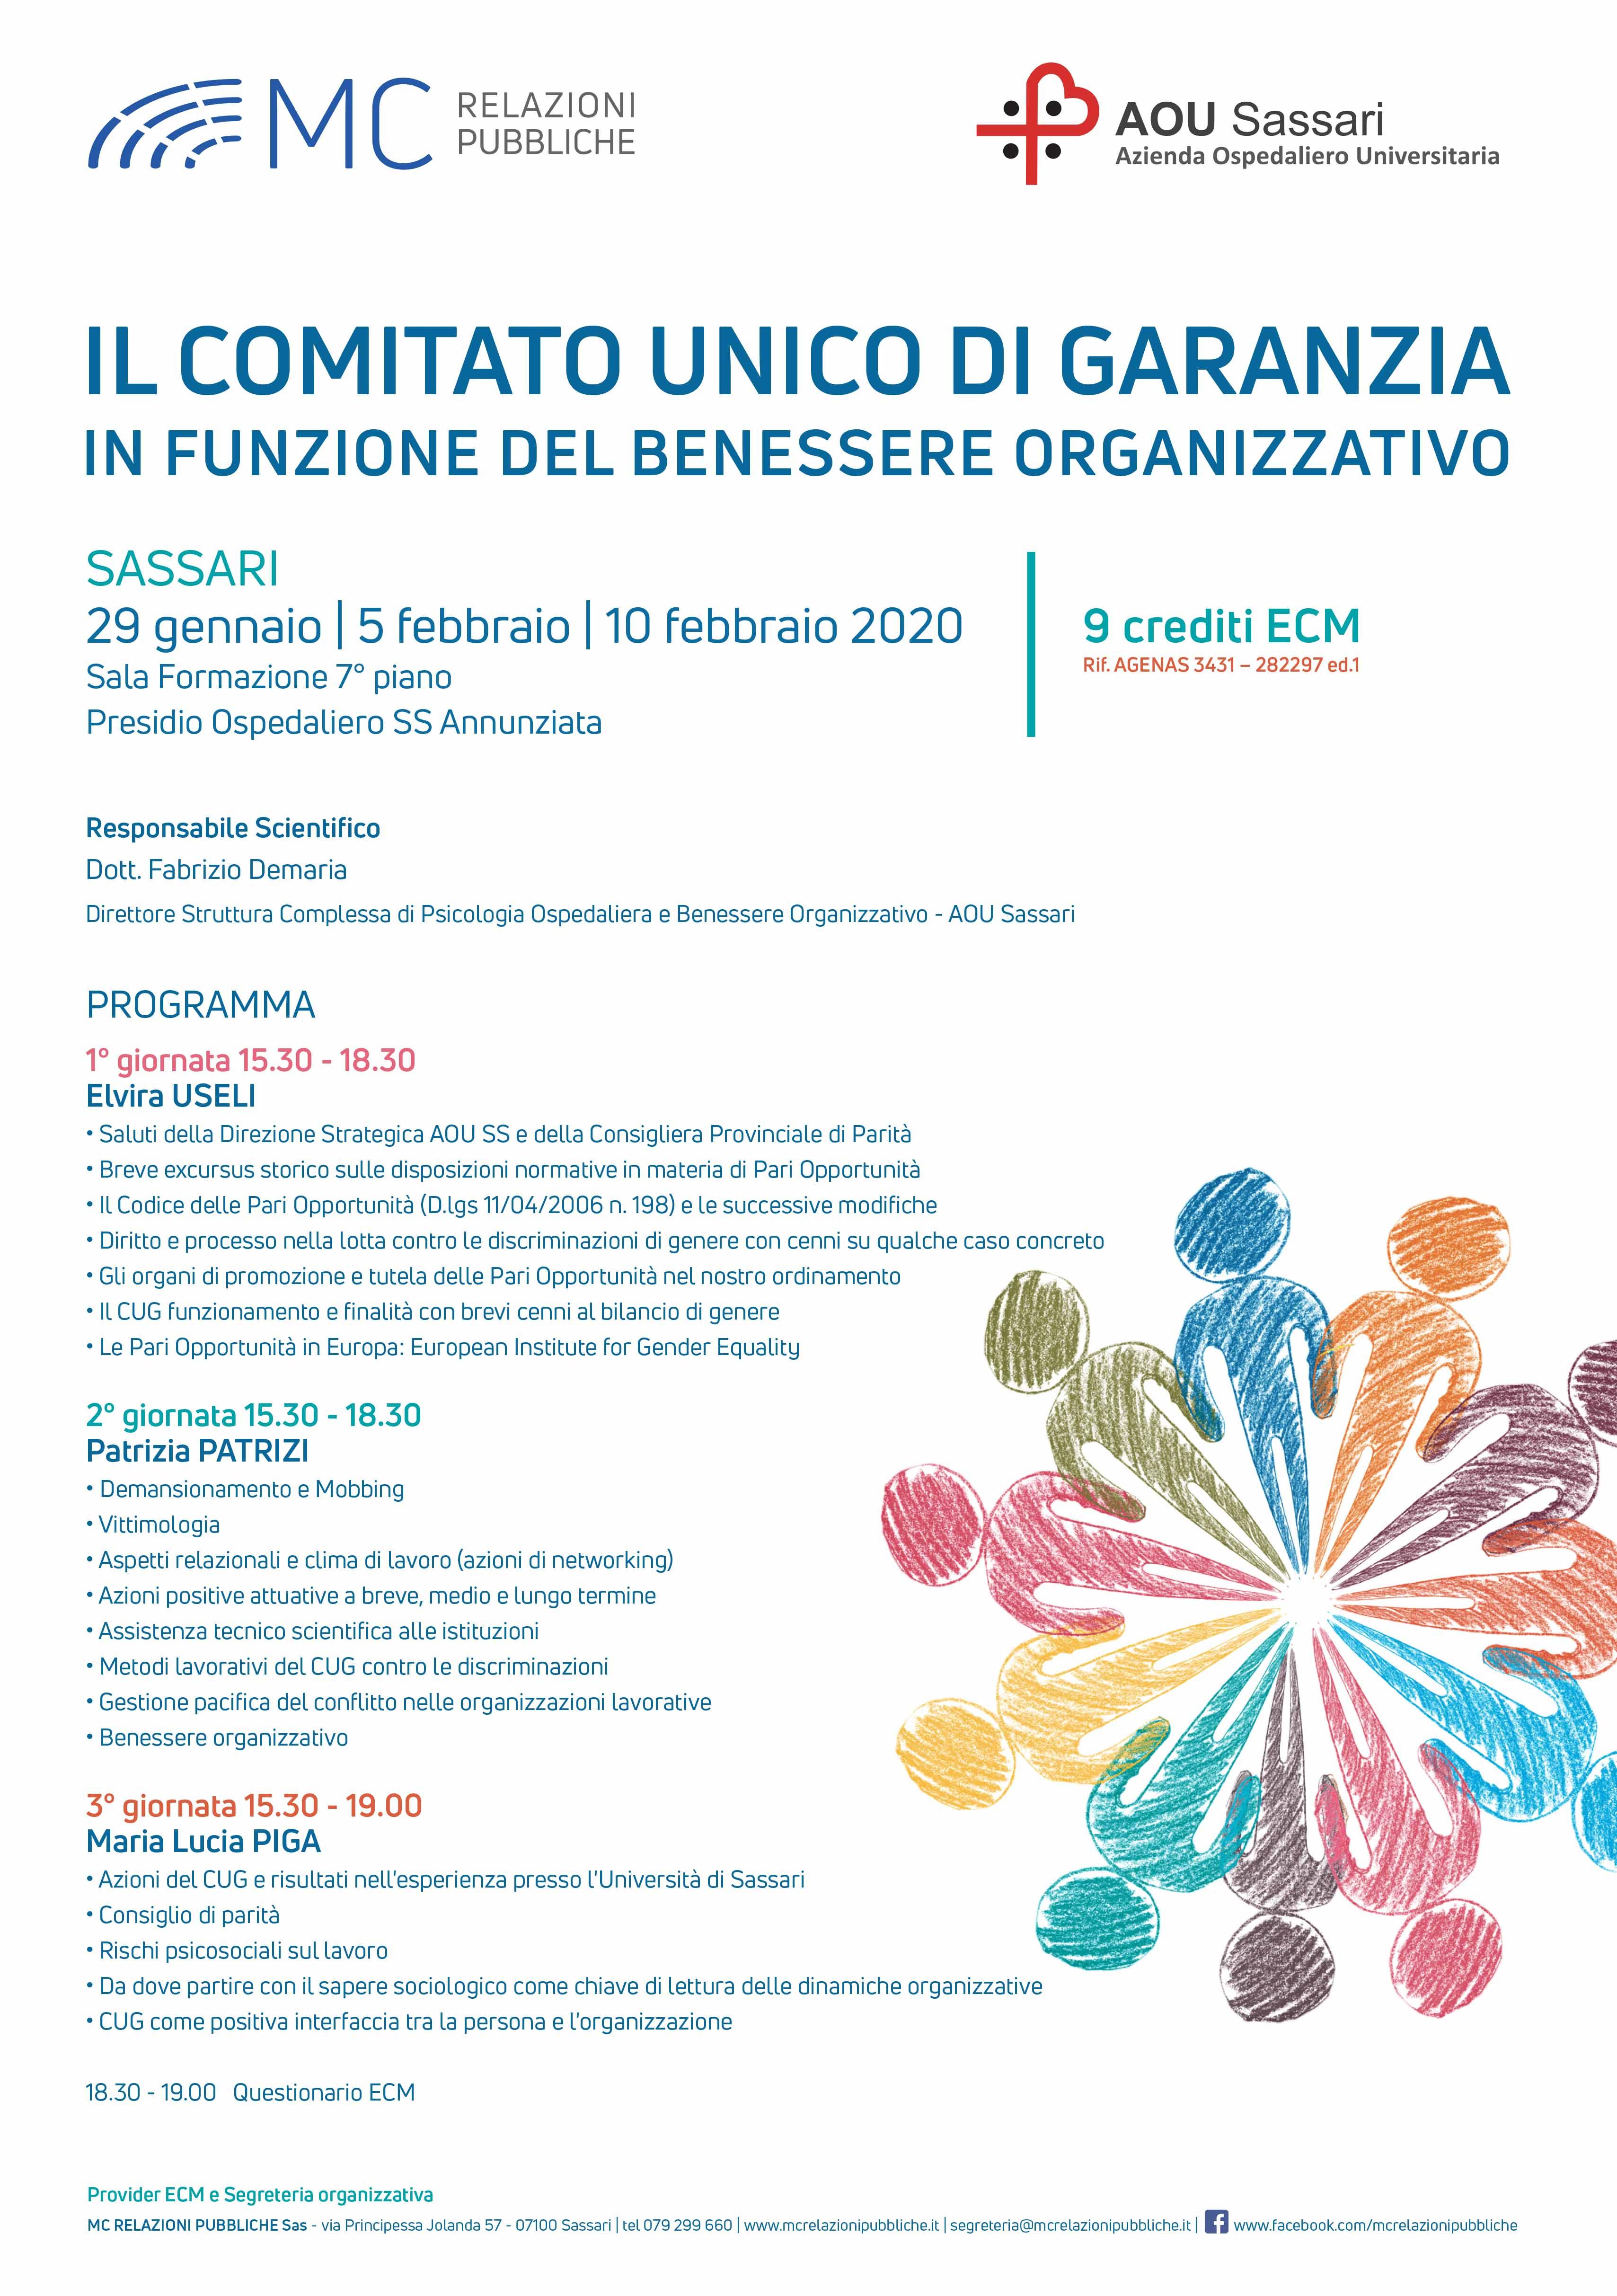 IL COMITATO UNICO DI GARANZIA IN FUNZIONE DEL BENESSERE ORGANIZZATIVO